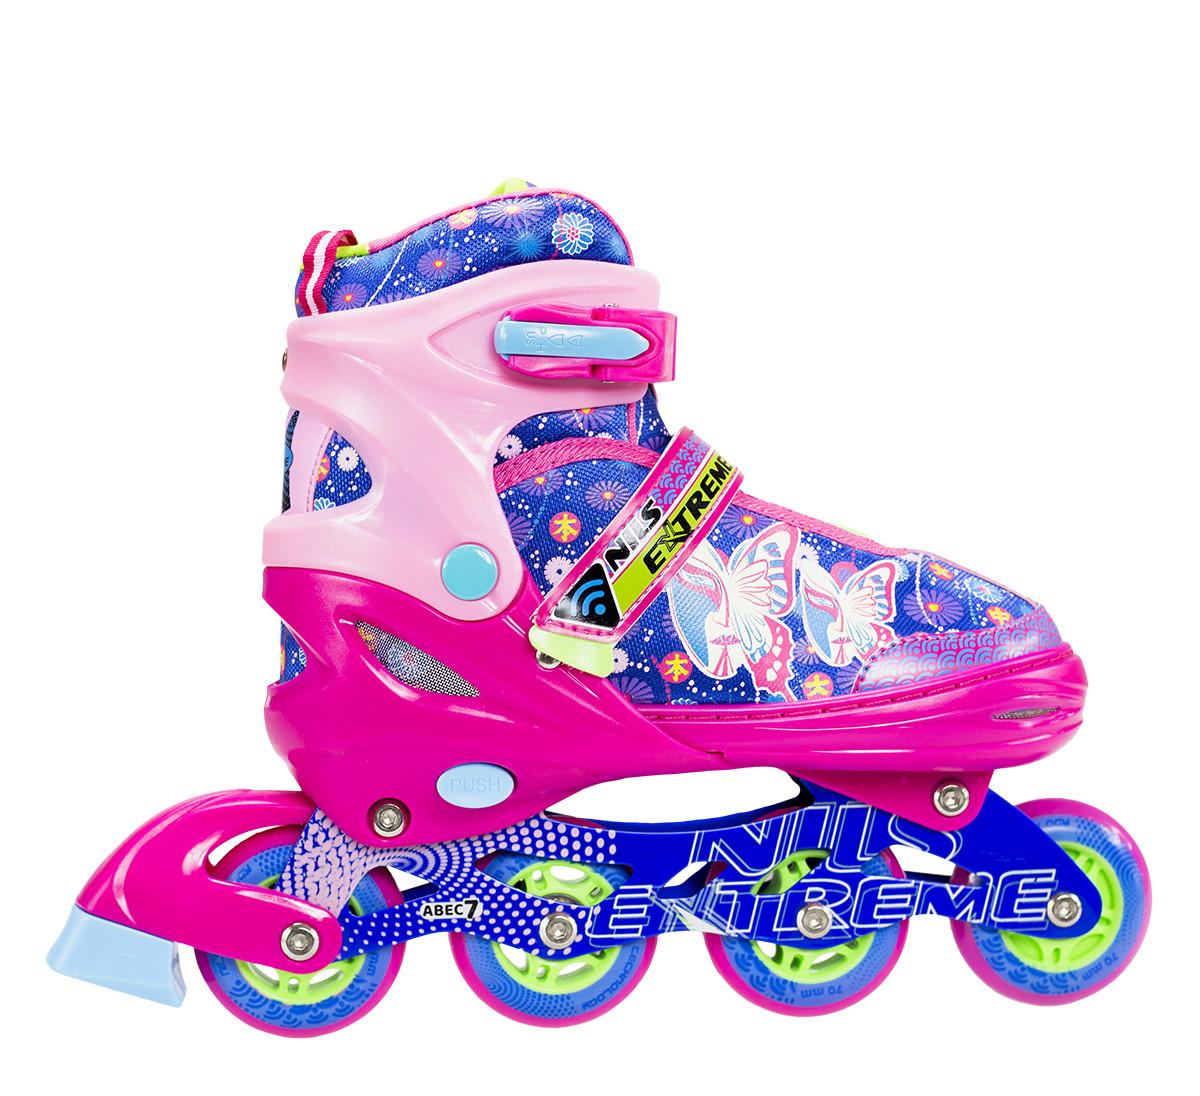 Роликовые коньки Nils Extreme NJ4605A Size 30-33 Pink